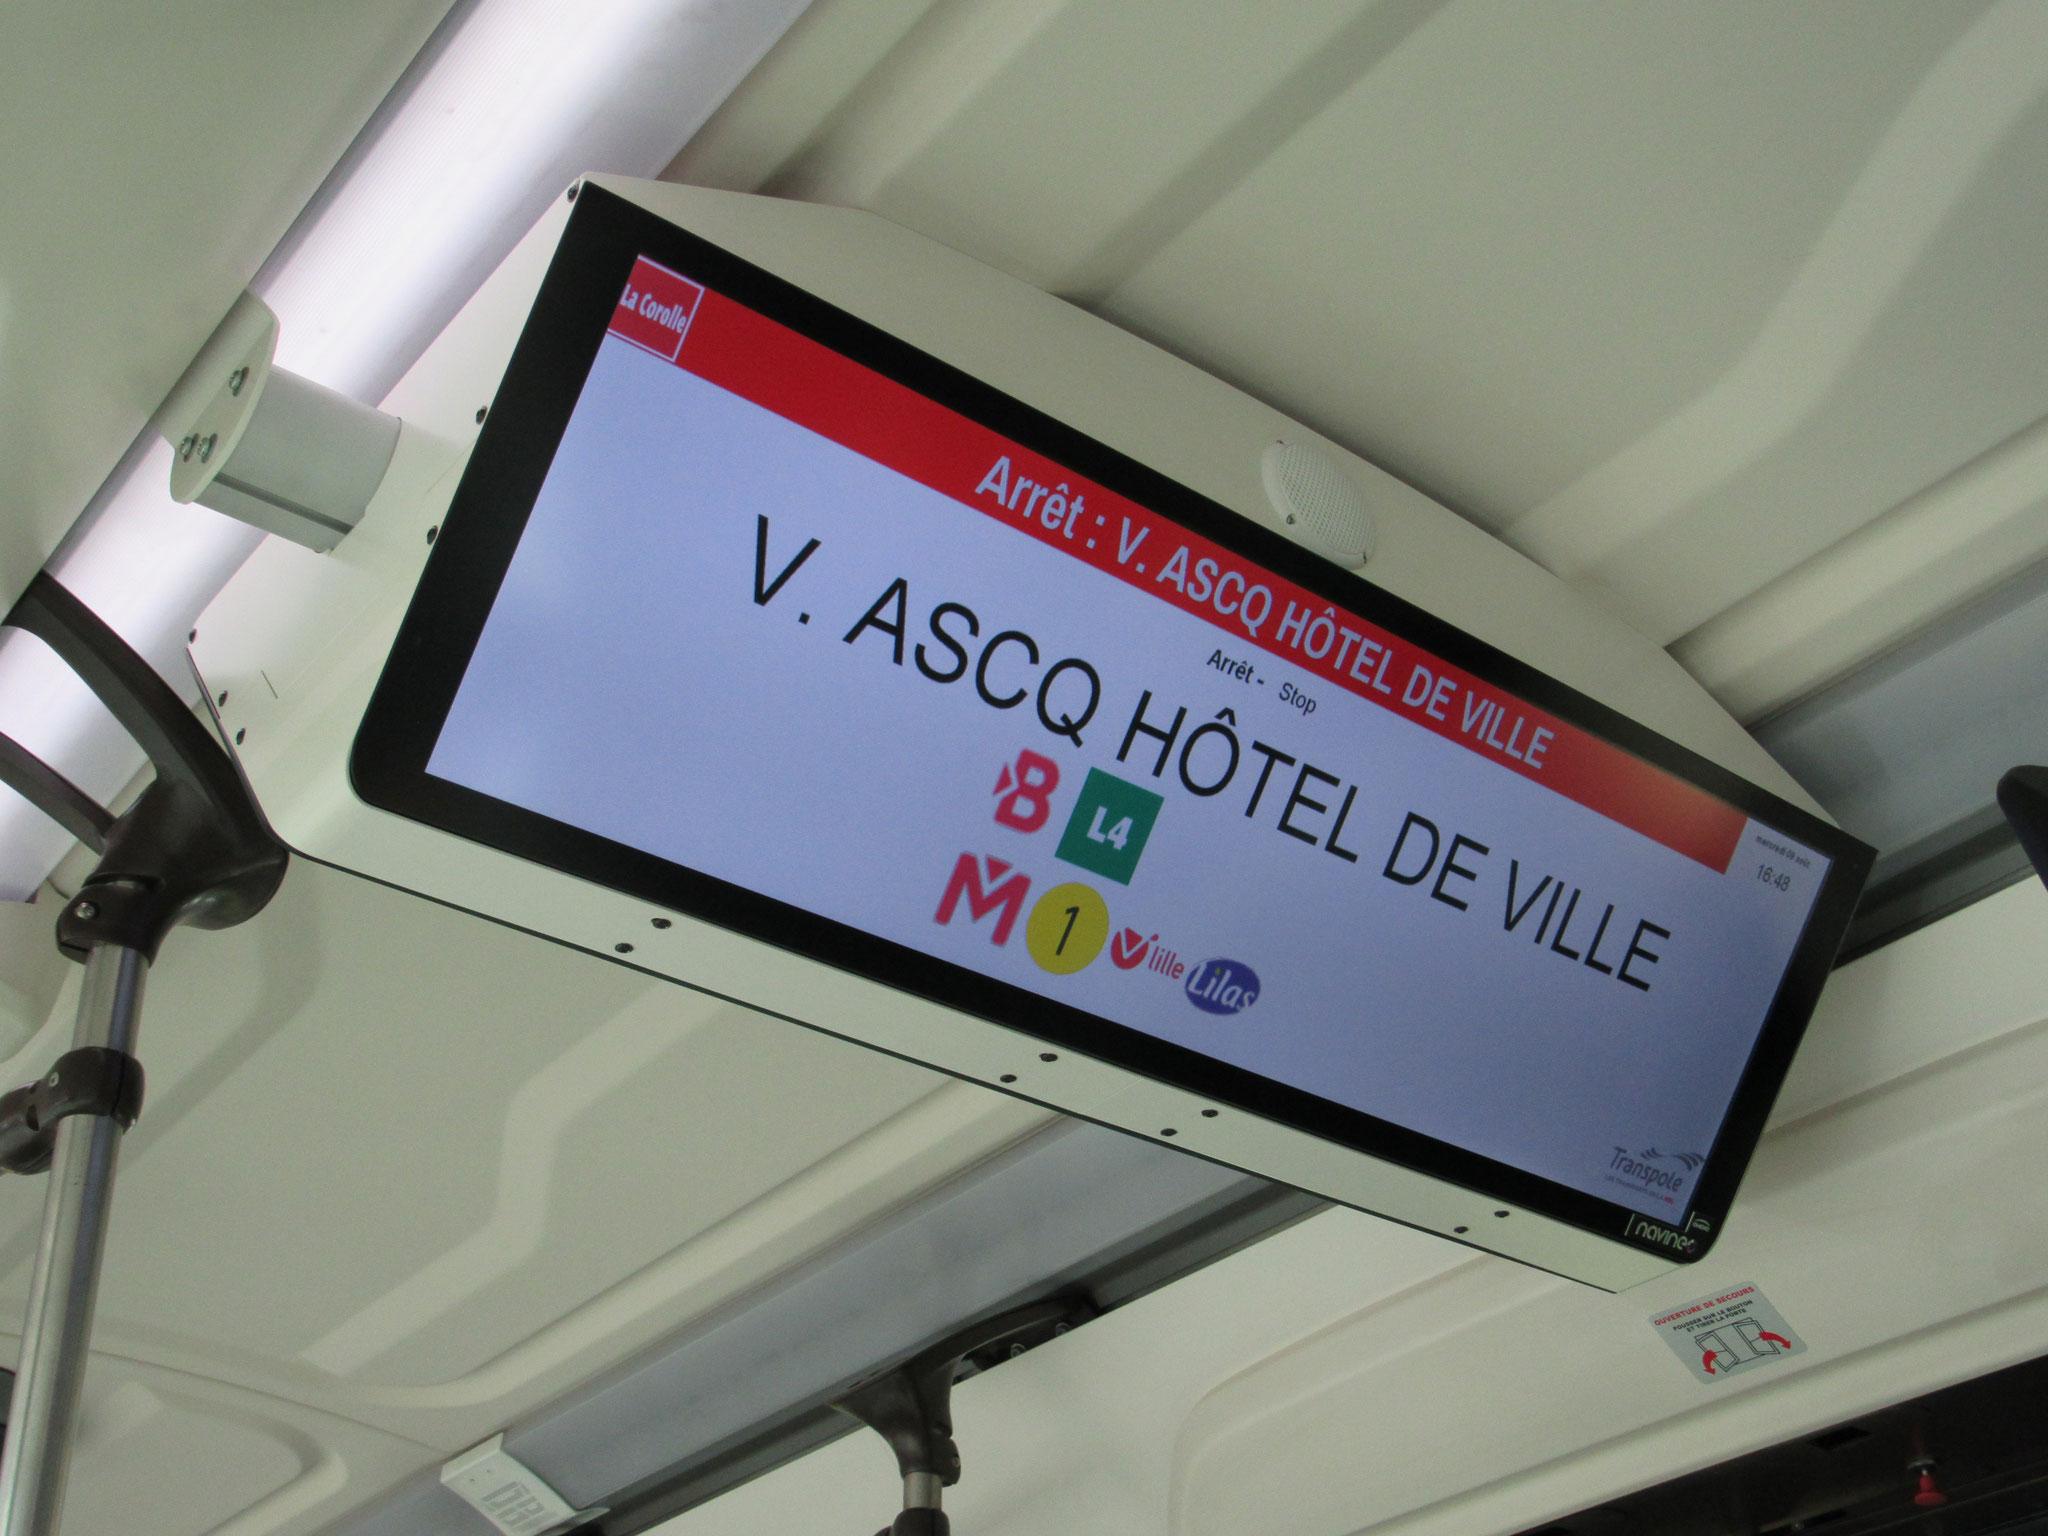 Écran Ineo (NavIneo) présent dans le bus 10415